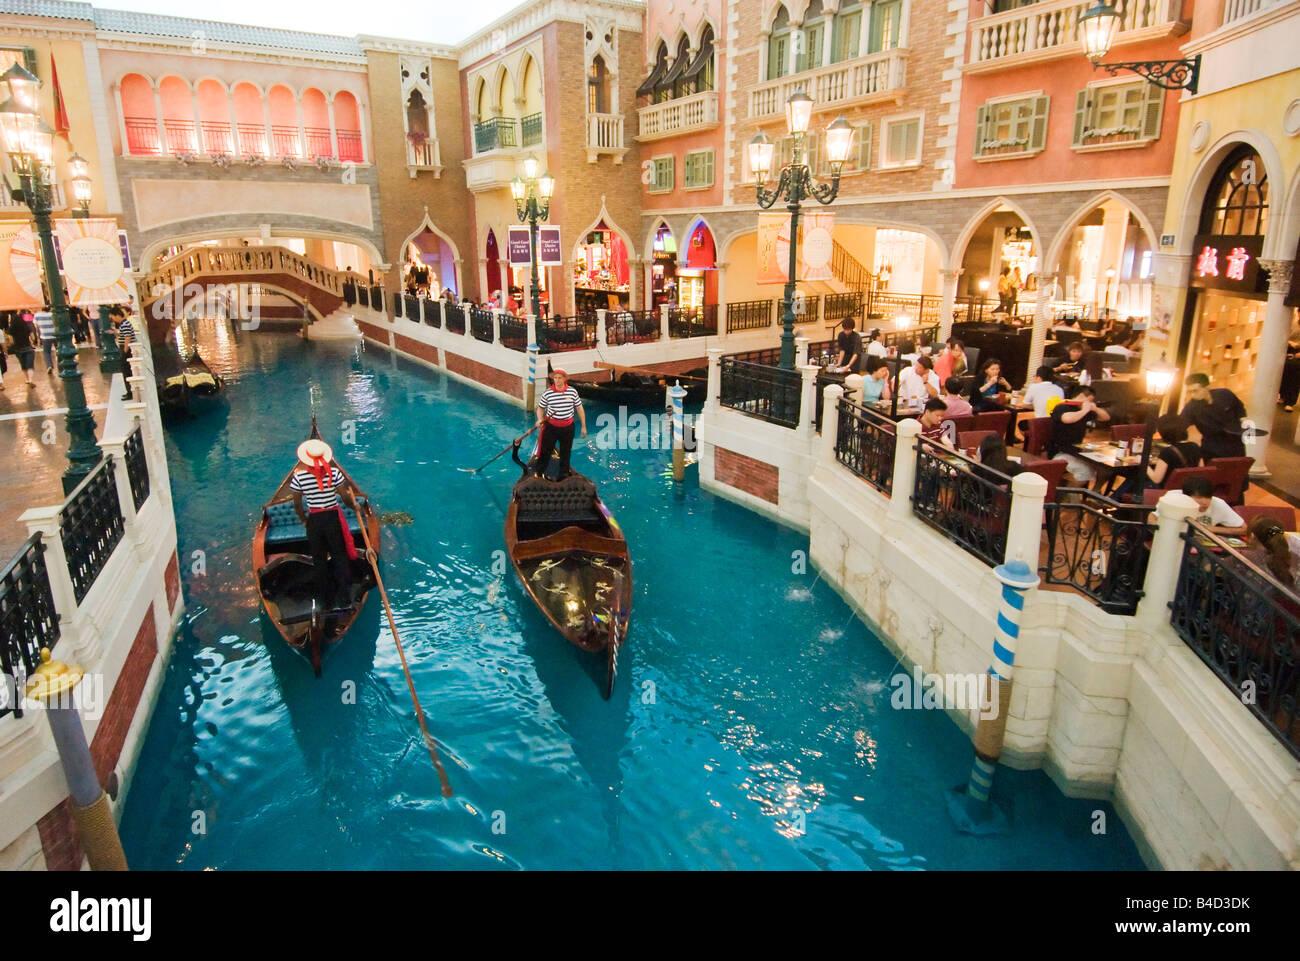 Interior del Hotel y Casino Venetian Macao Macao Imagen De Stock